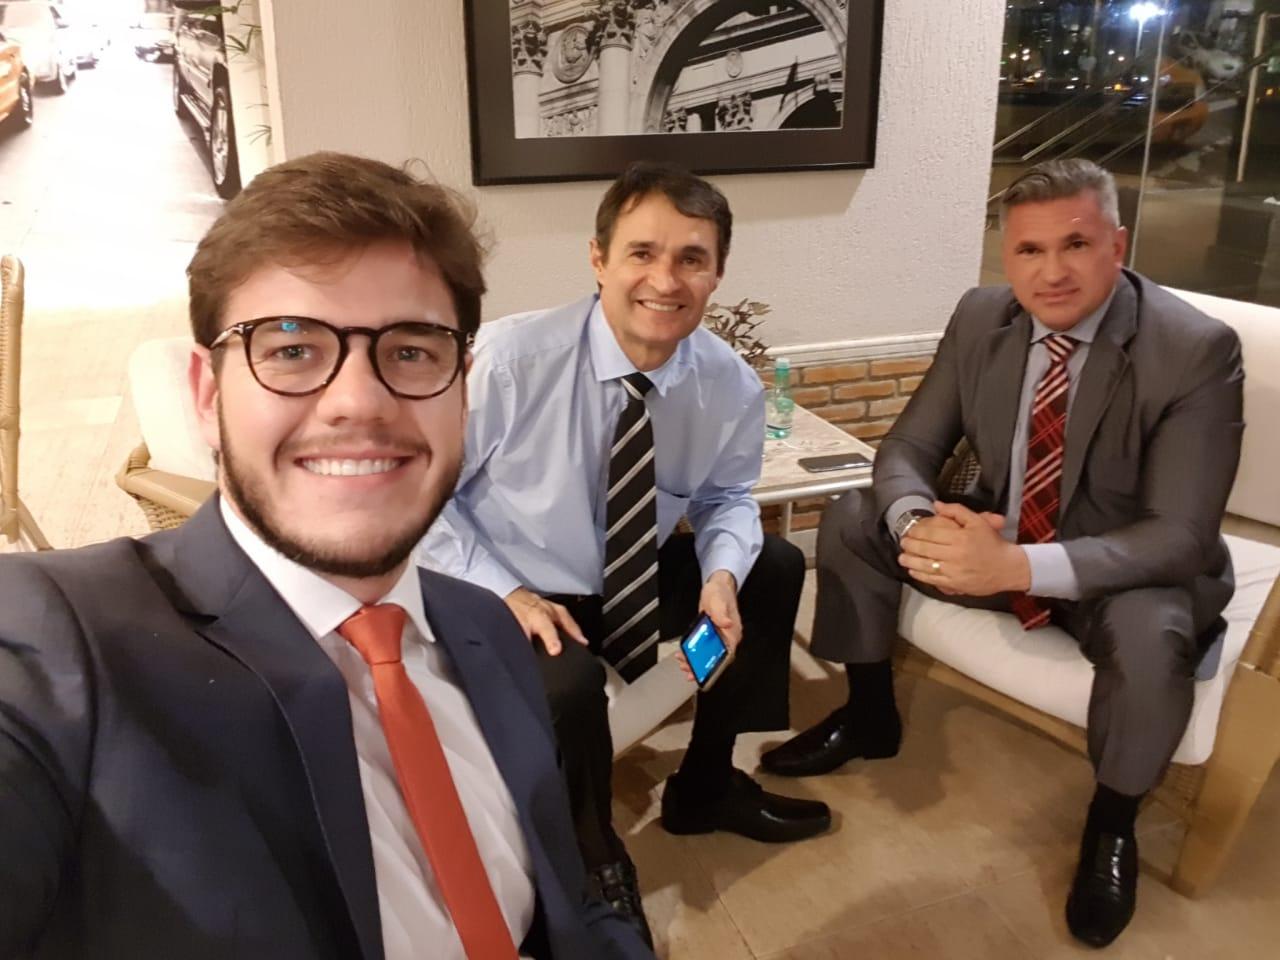 BASTIDORES: Em Brasília, Romero e Bruno articulam apoio do PSL de Bolsonaro